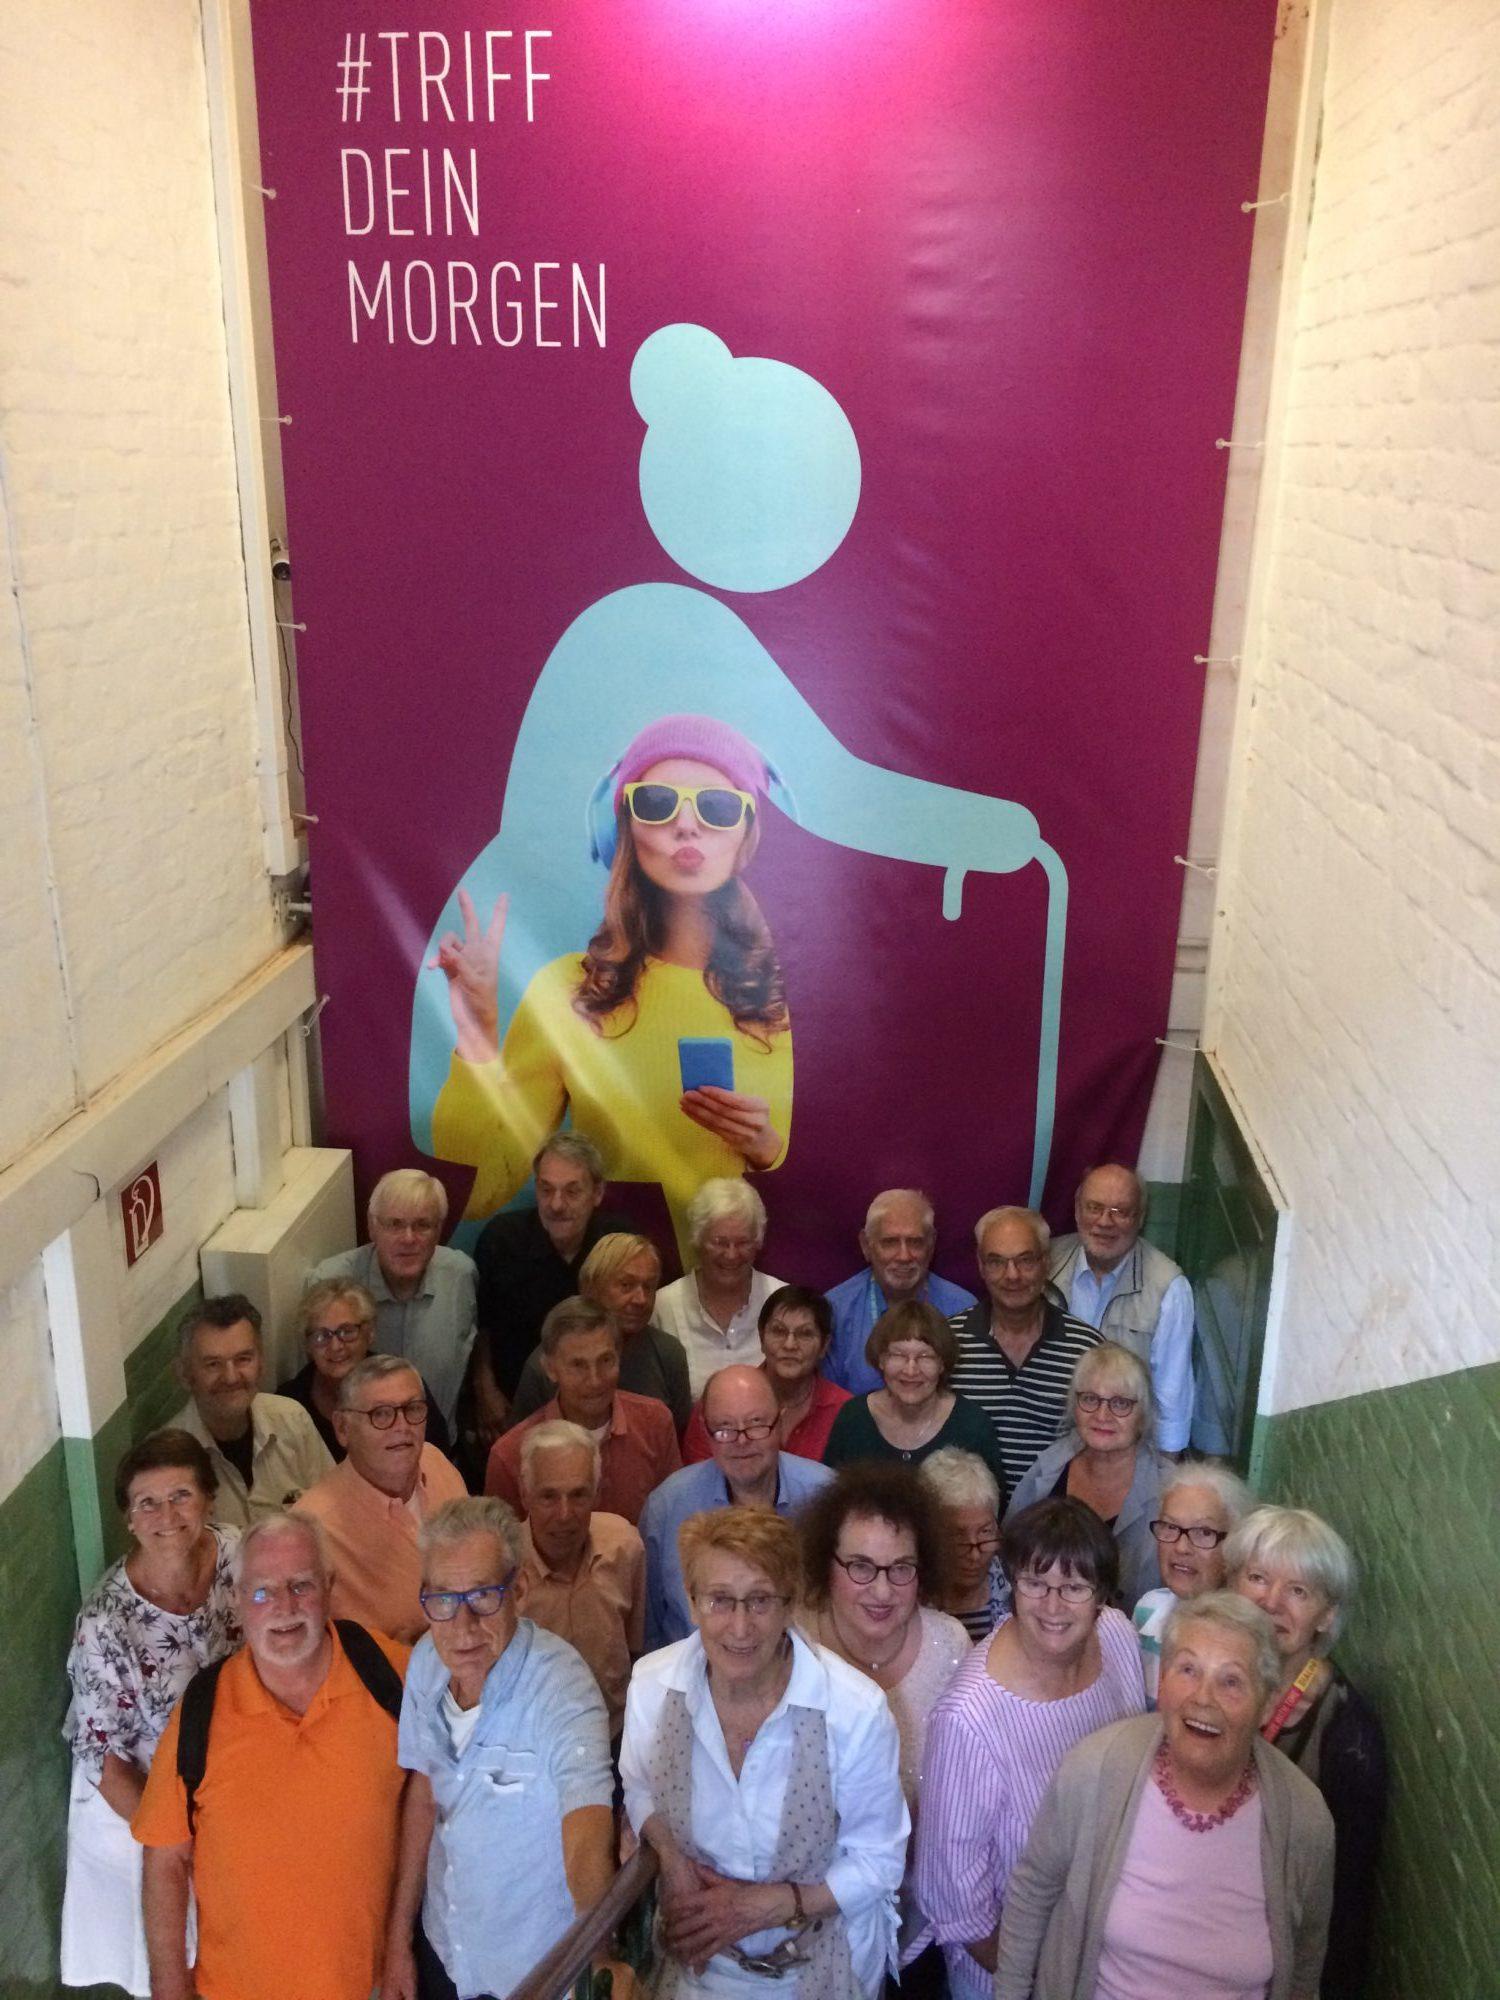 Senioren Guides Mit Motiv Der Ausstellung Dilaog Mit Der Zeit – Triff Dein Morgen – Copyright Dialoghaus